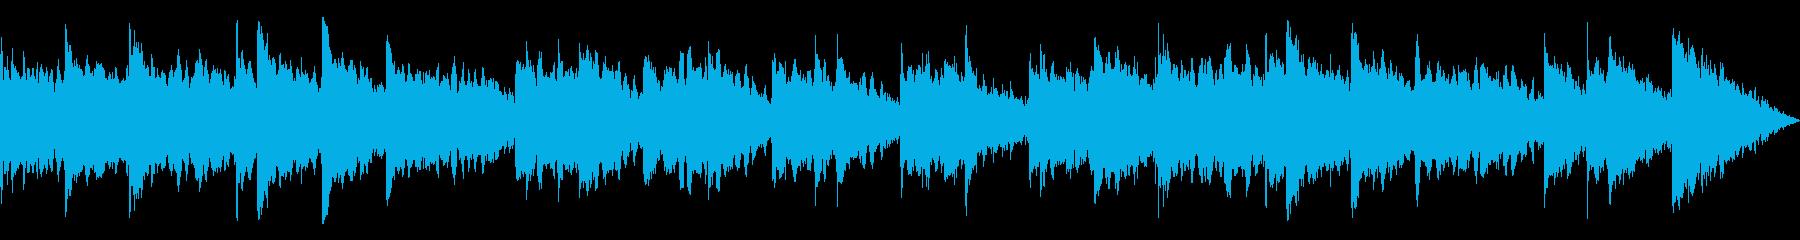 スローテンポの柔らかなサウンドの再生済みの波形